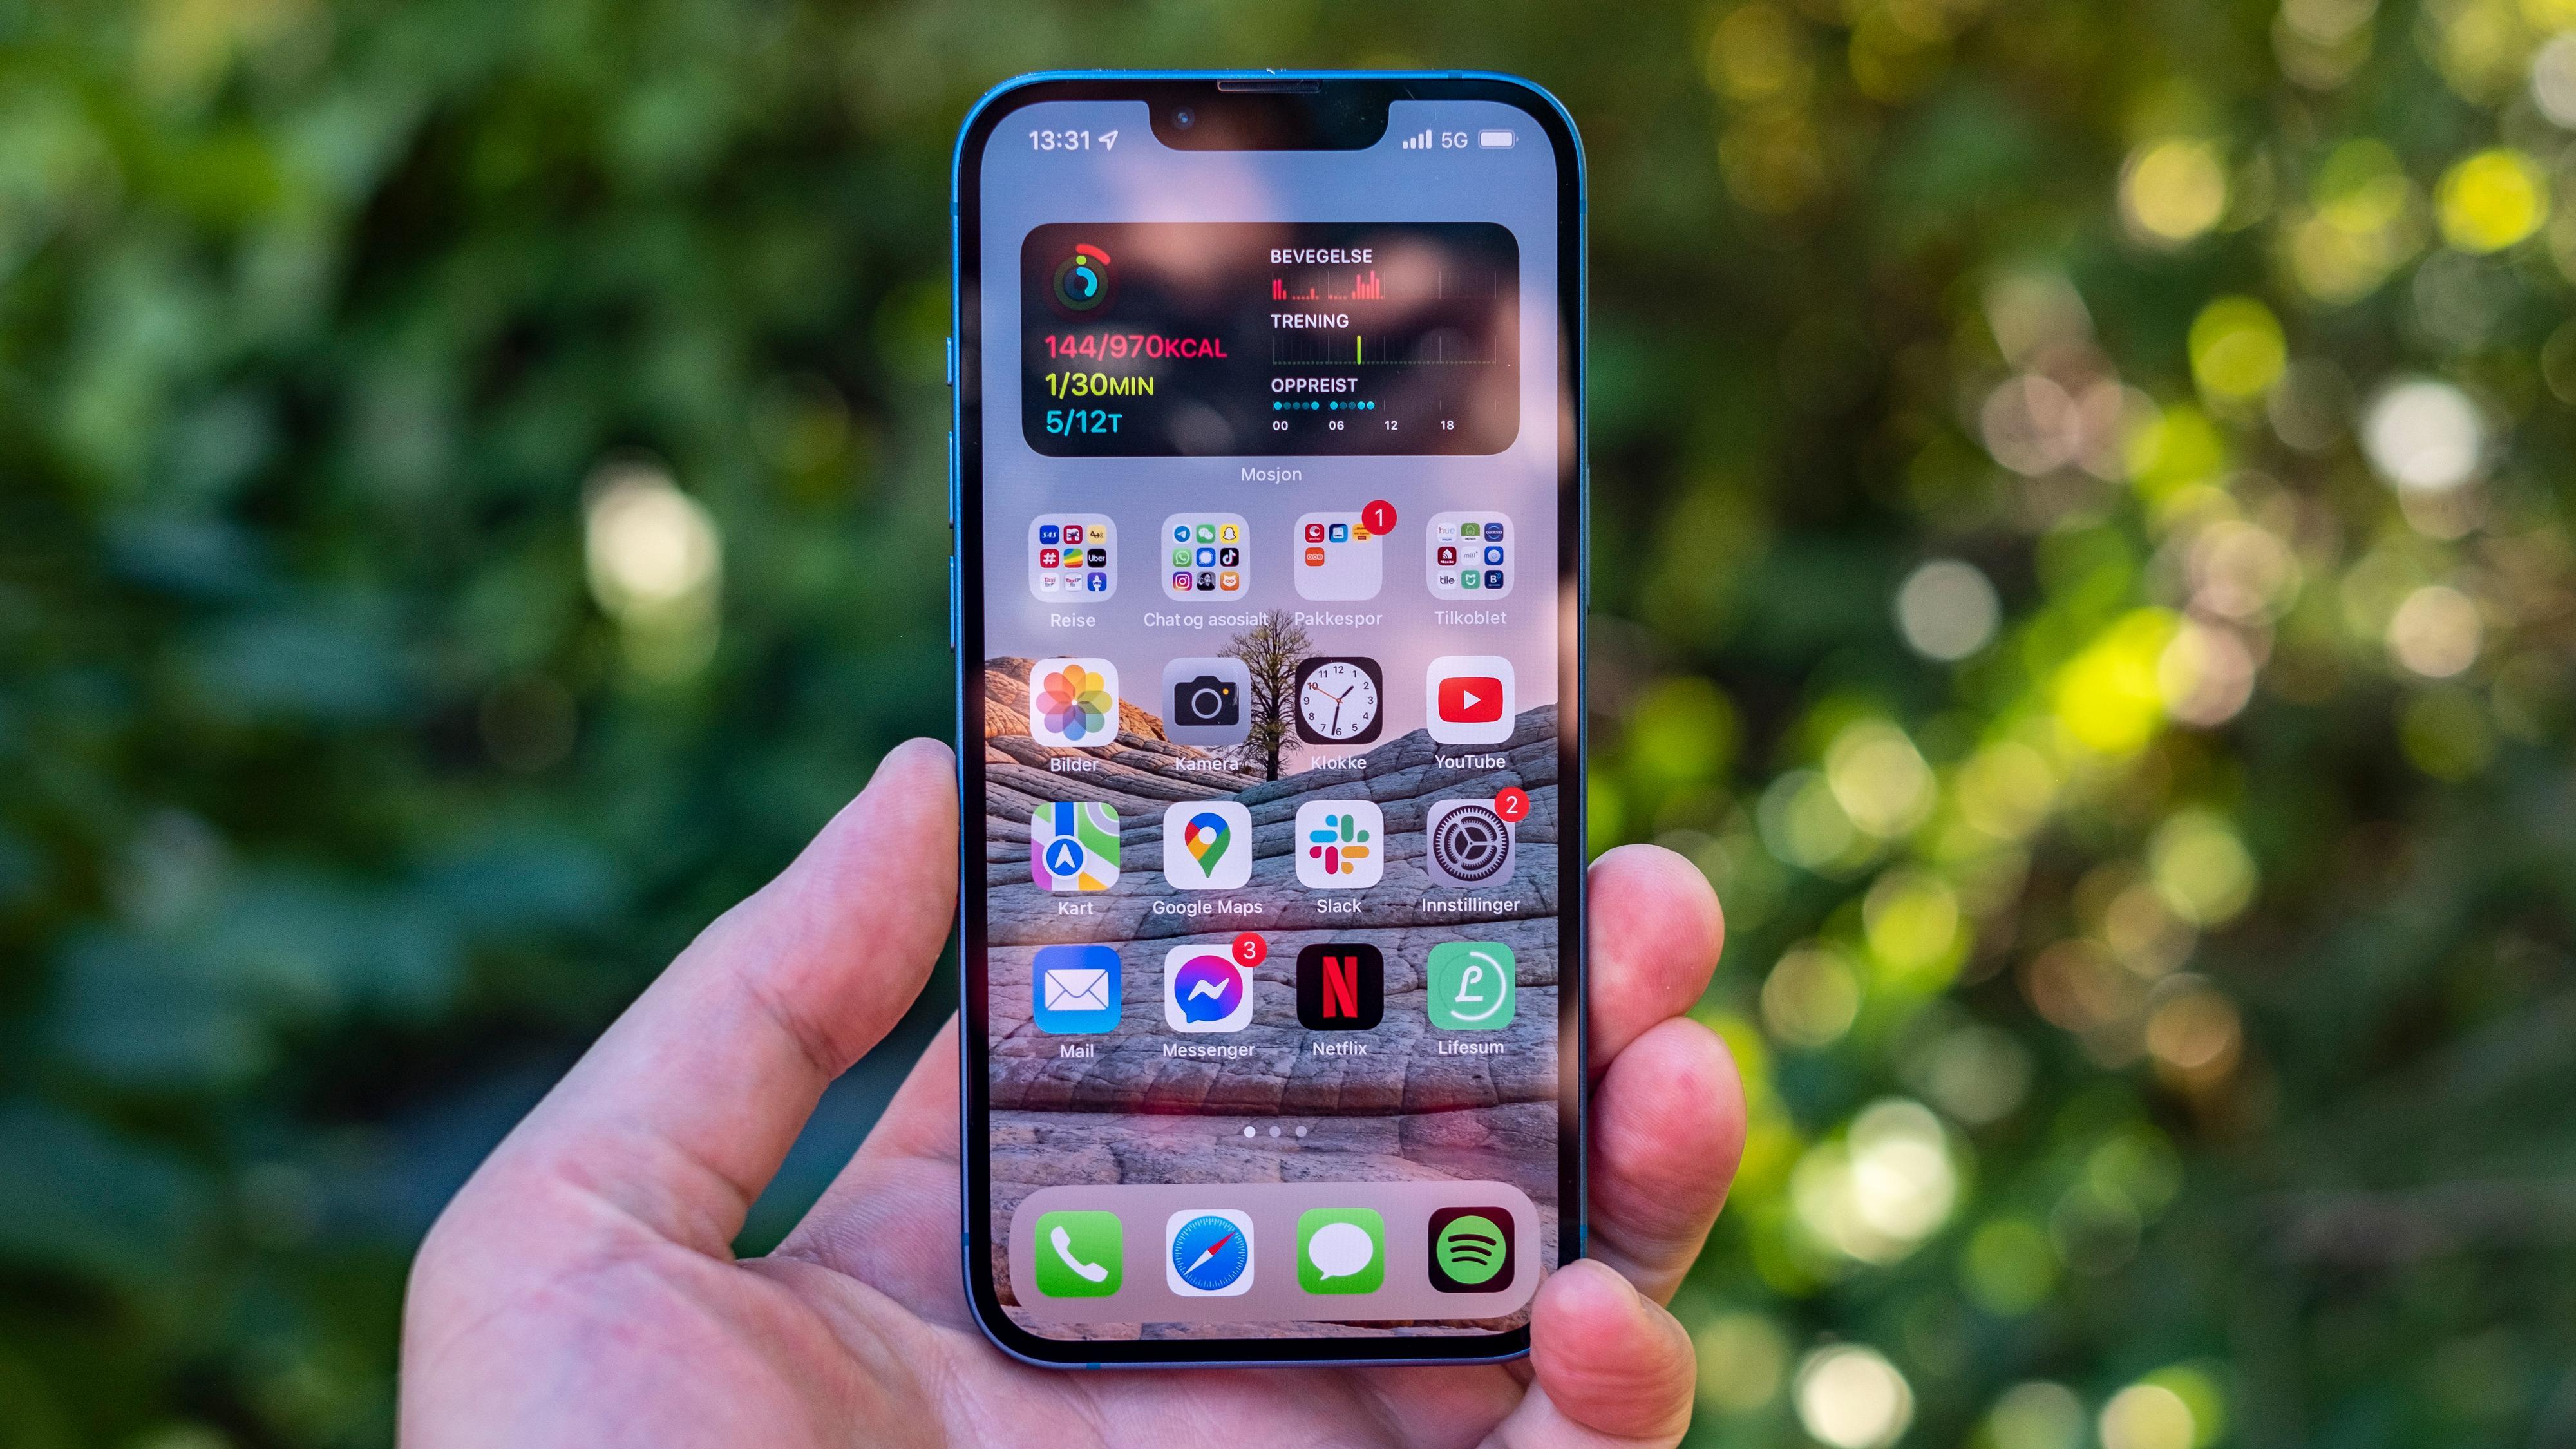 Hevder Apple må justere ned iPhone-produksjonen på grunn av brikkemangel